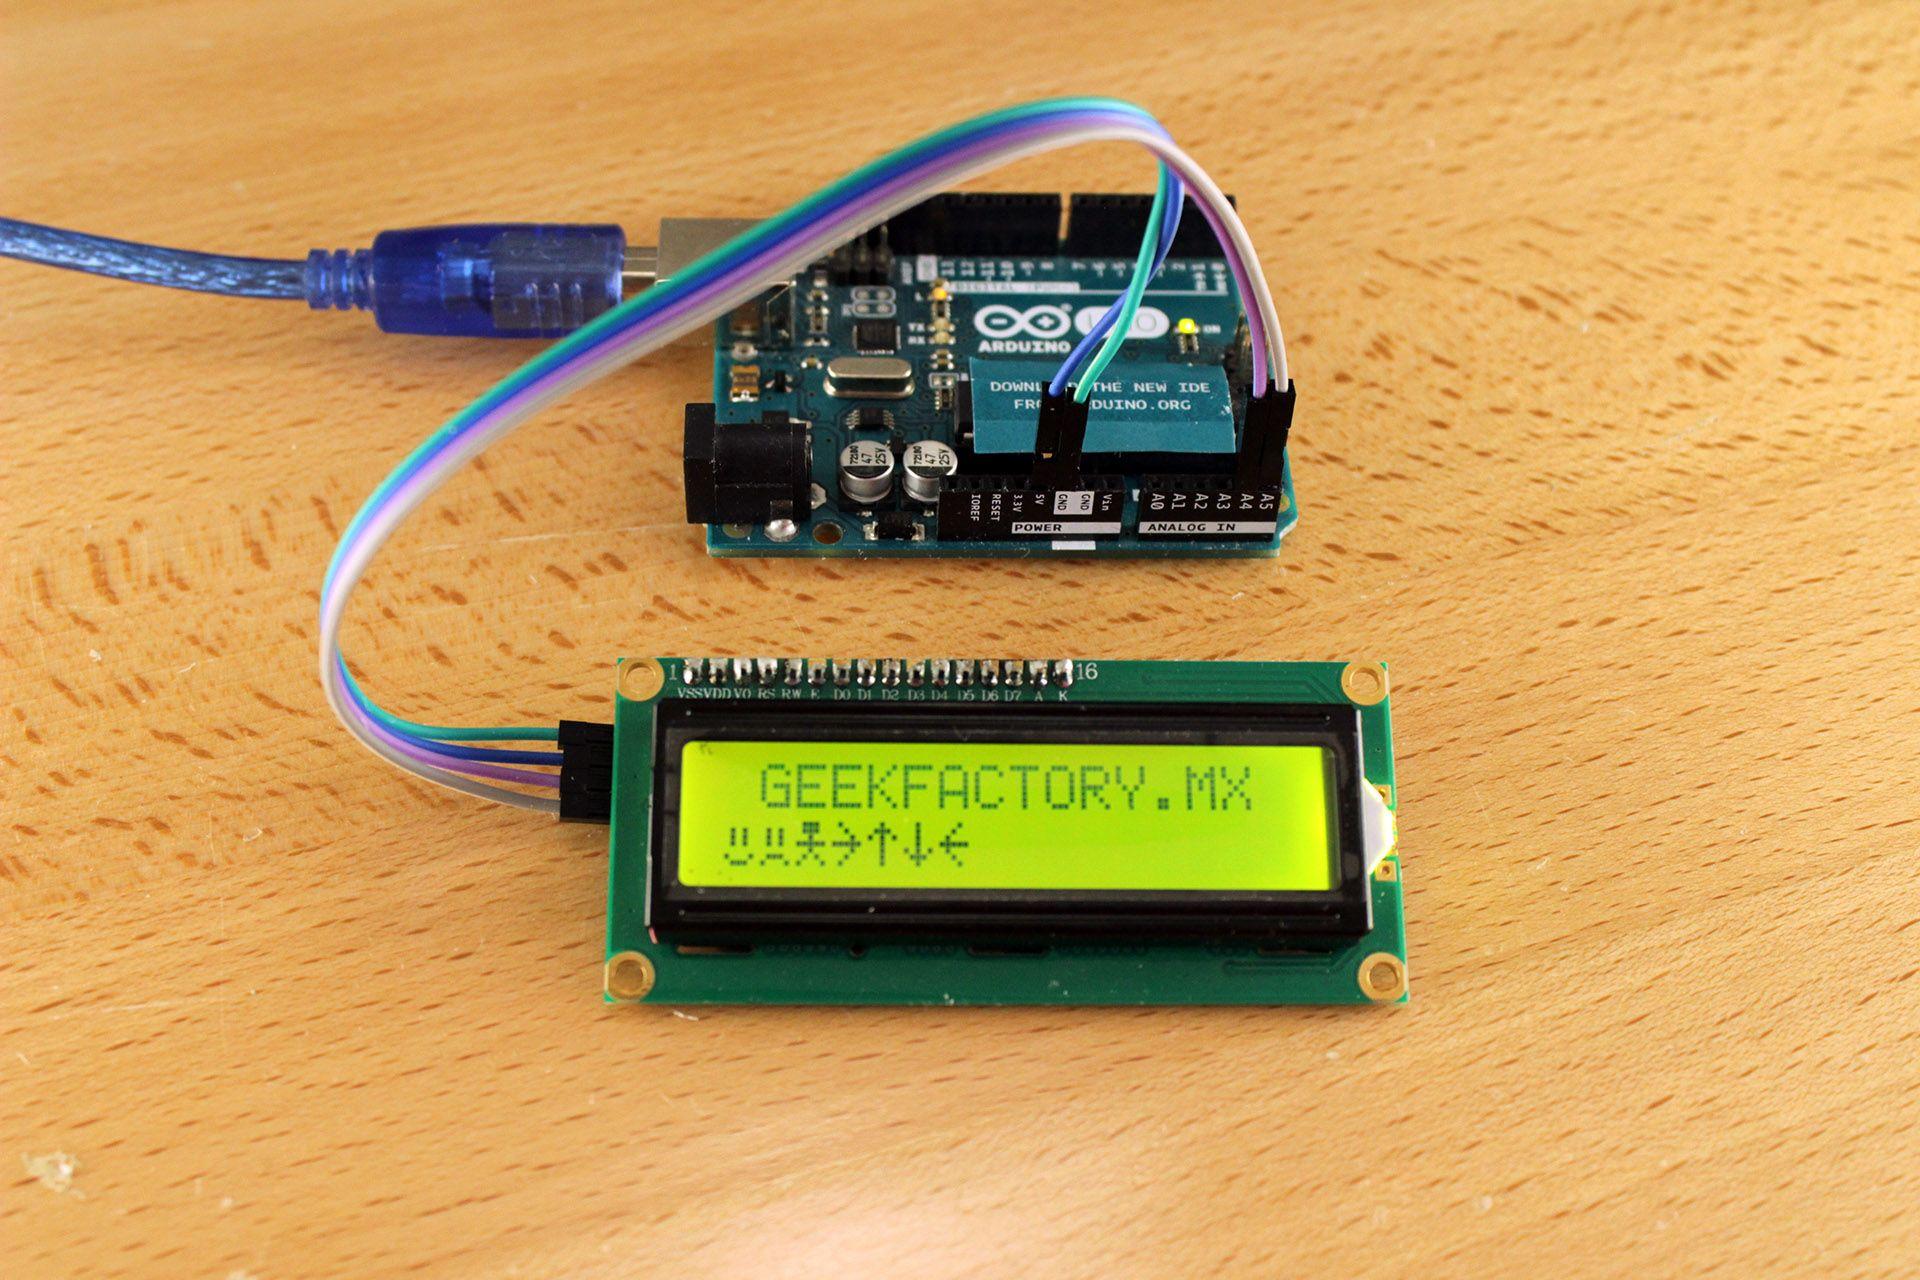 Lcd 16x2 Por I2c Con Arduino Usando Solo Dos Pines Geek Factory 2x16 162 16 X 2 1602 Display Module Raspberry